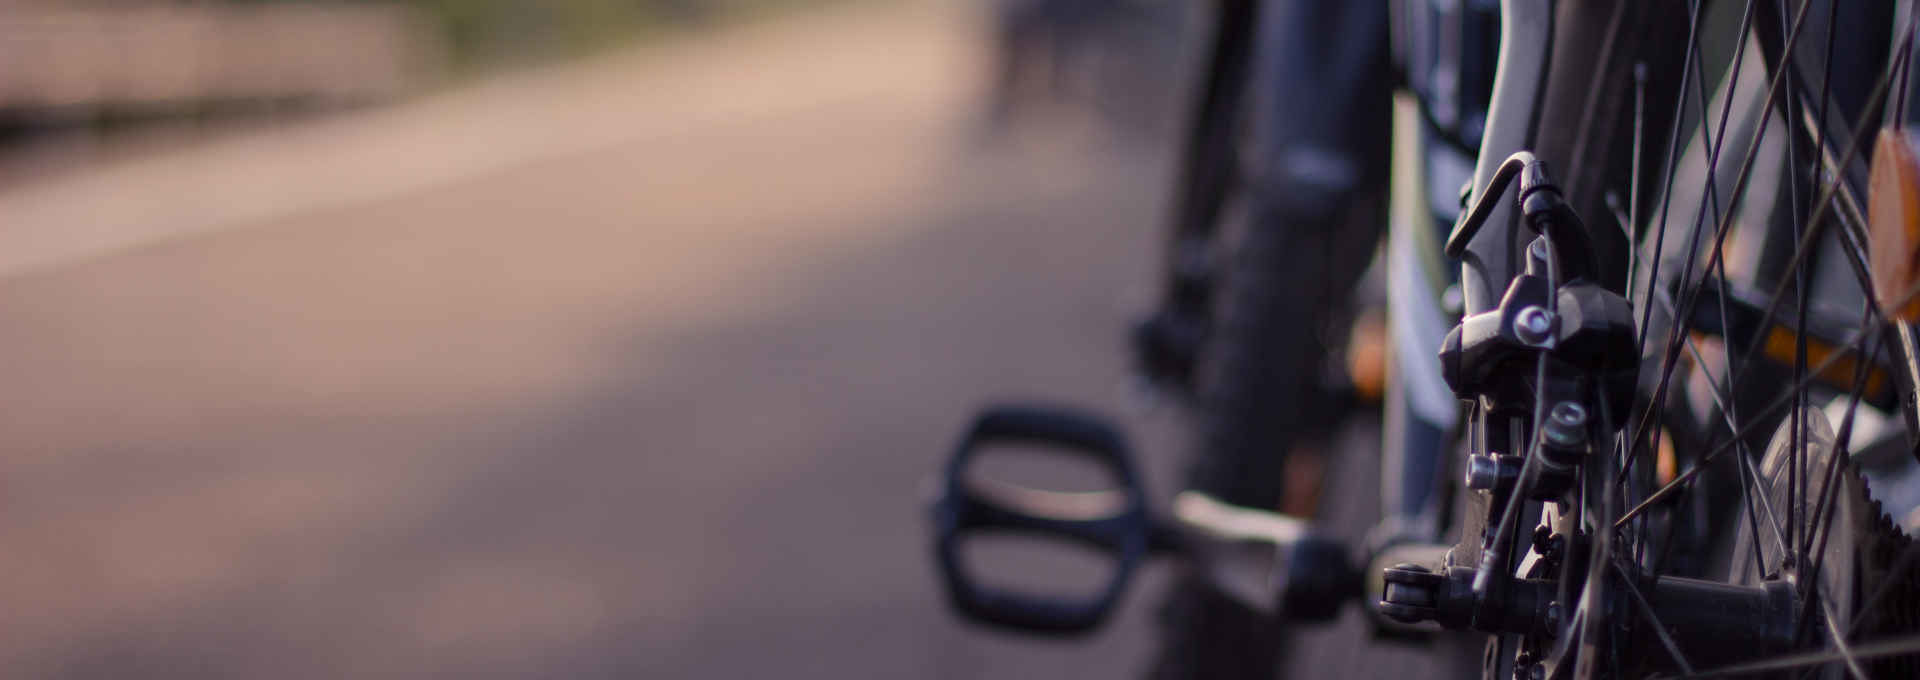 Milano Bike Tour: con le nostre e-bikes un modo sano per conoscere Milano